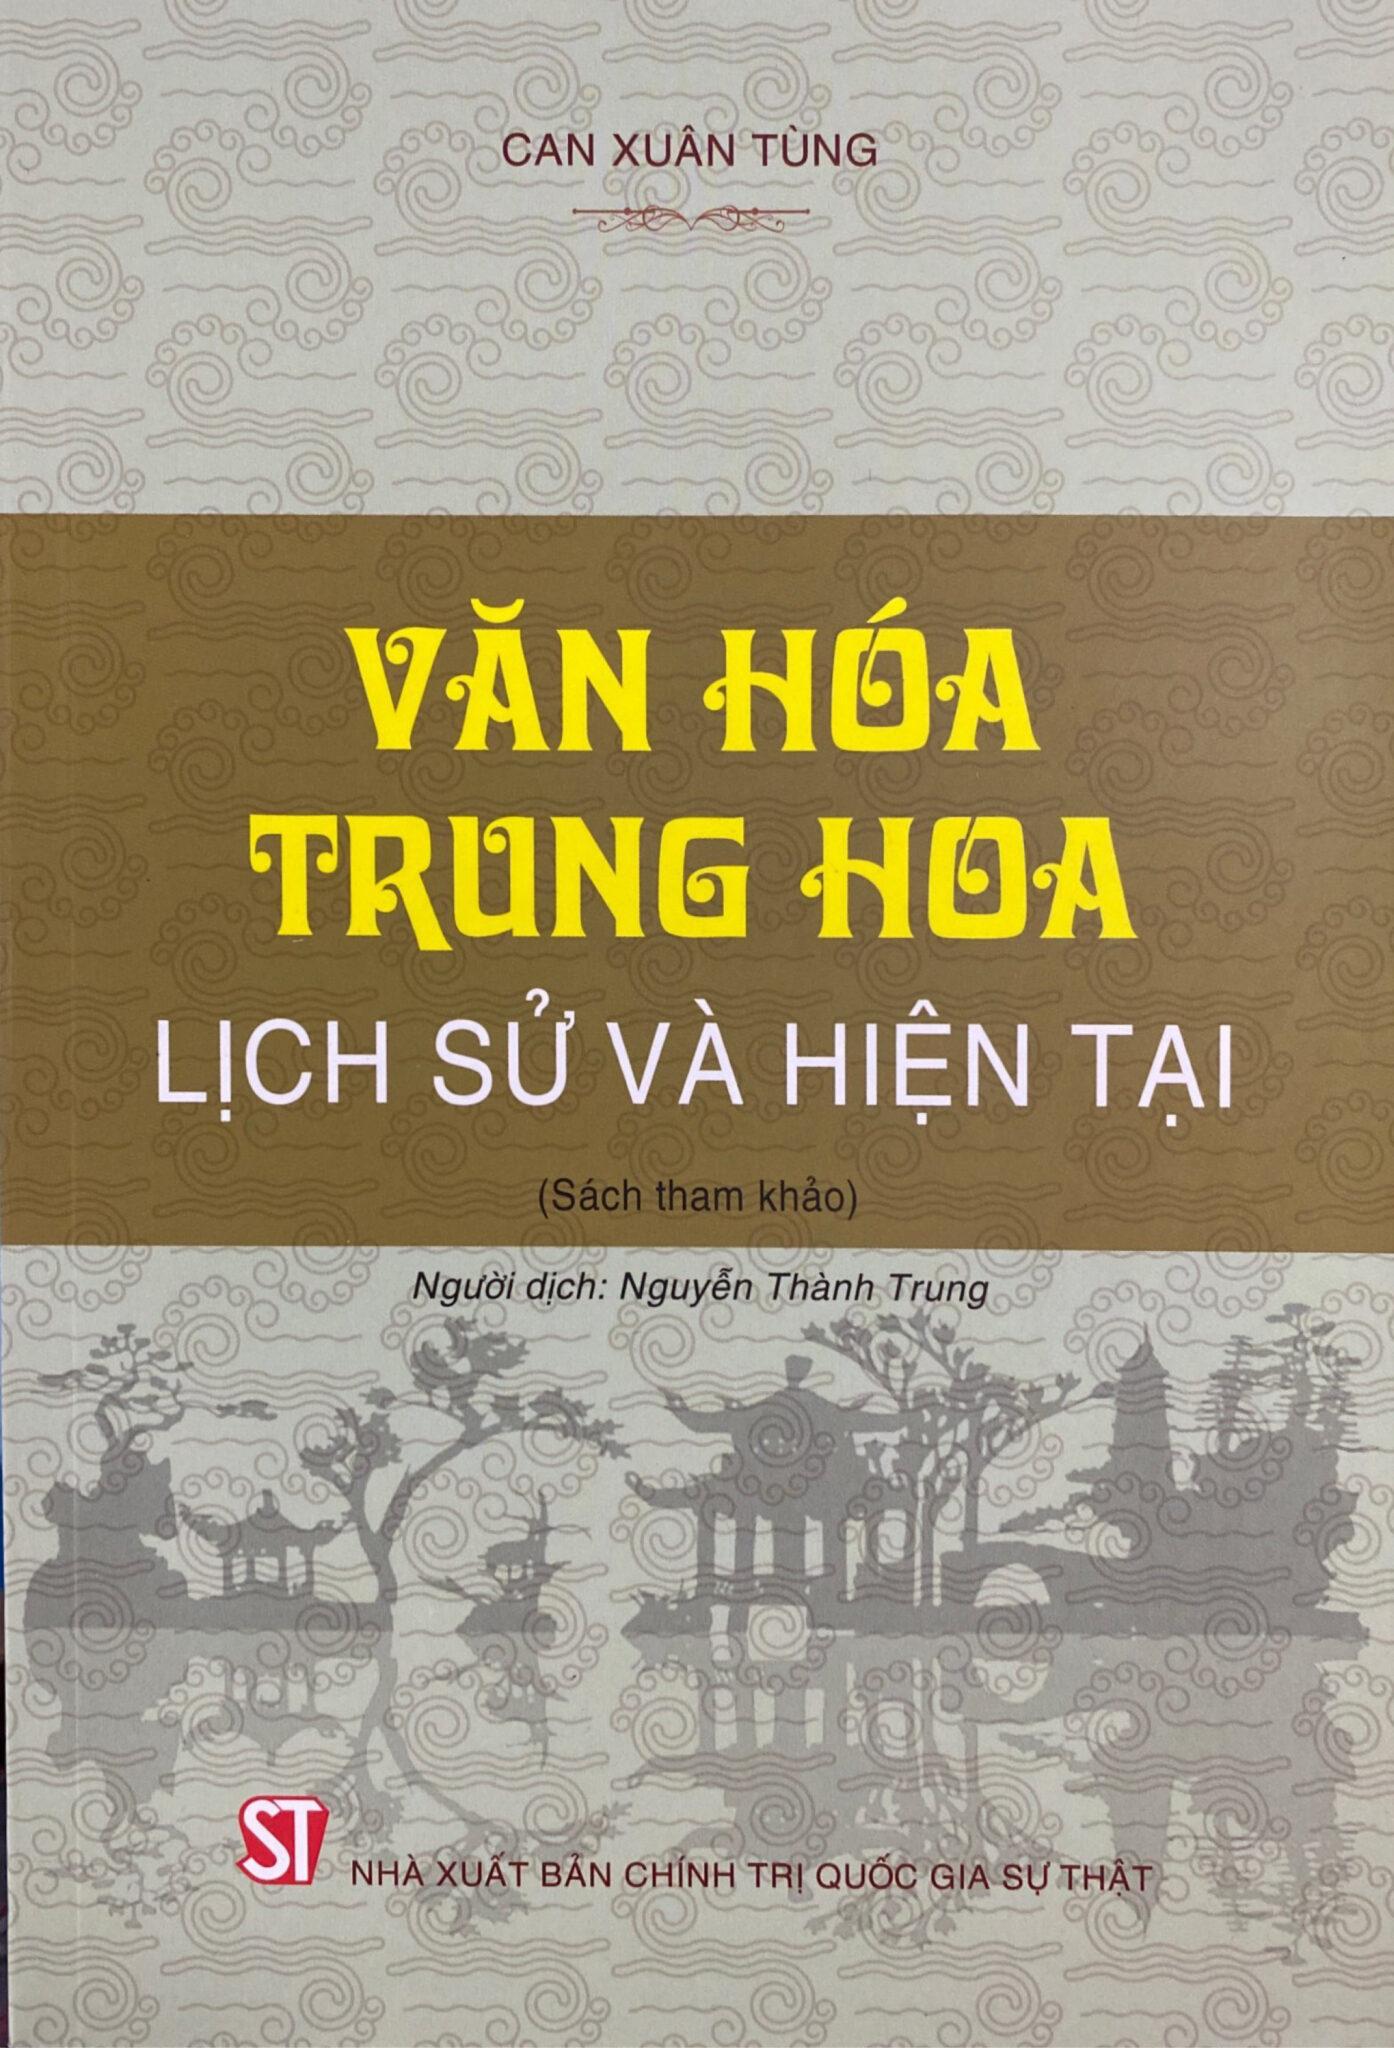 Văn hóa Trung Hoa - Lịch sử và hiện tại (Sách tham khảo)